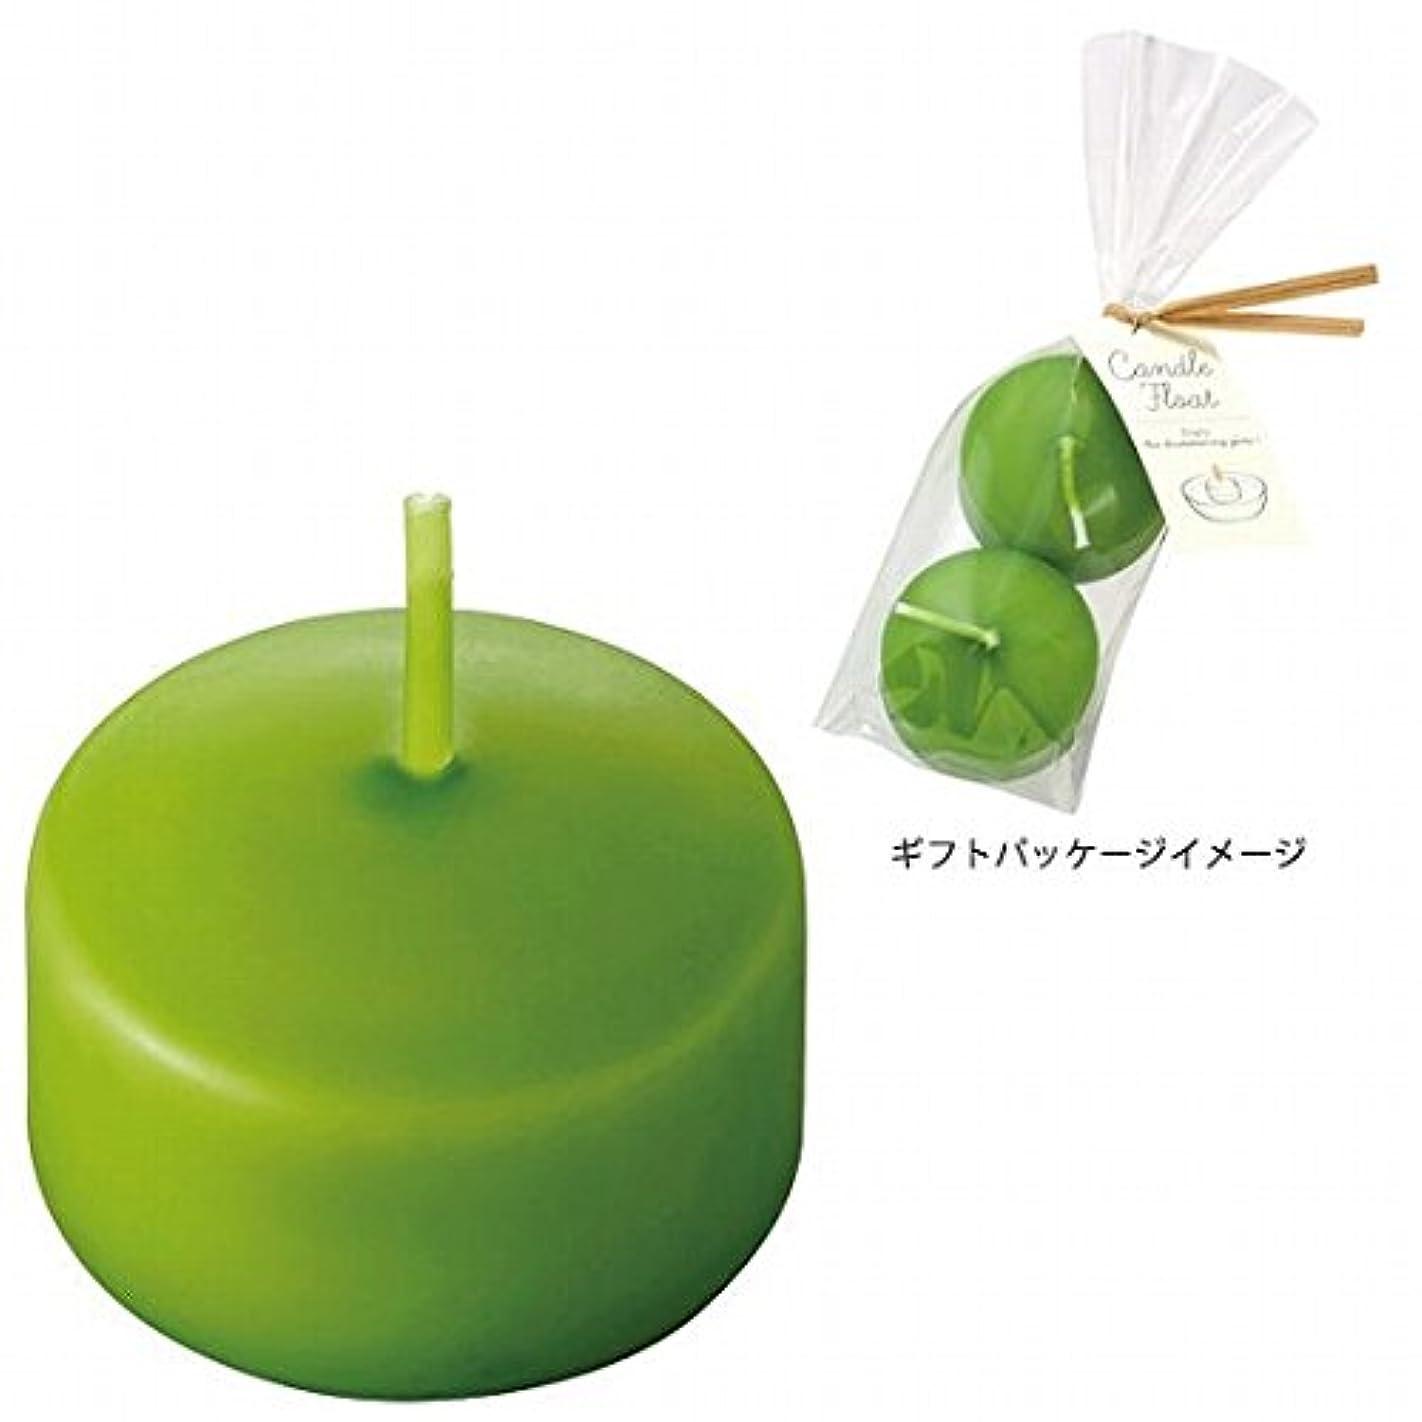 カメヤマキャンドル(kameyama candle) ハッピープール(2個入り) キャンドル 「オリーブ」